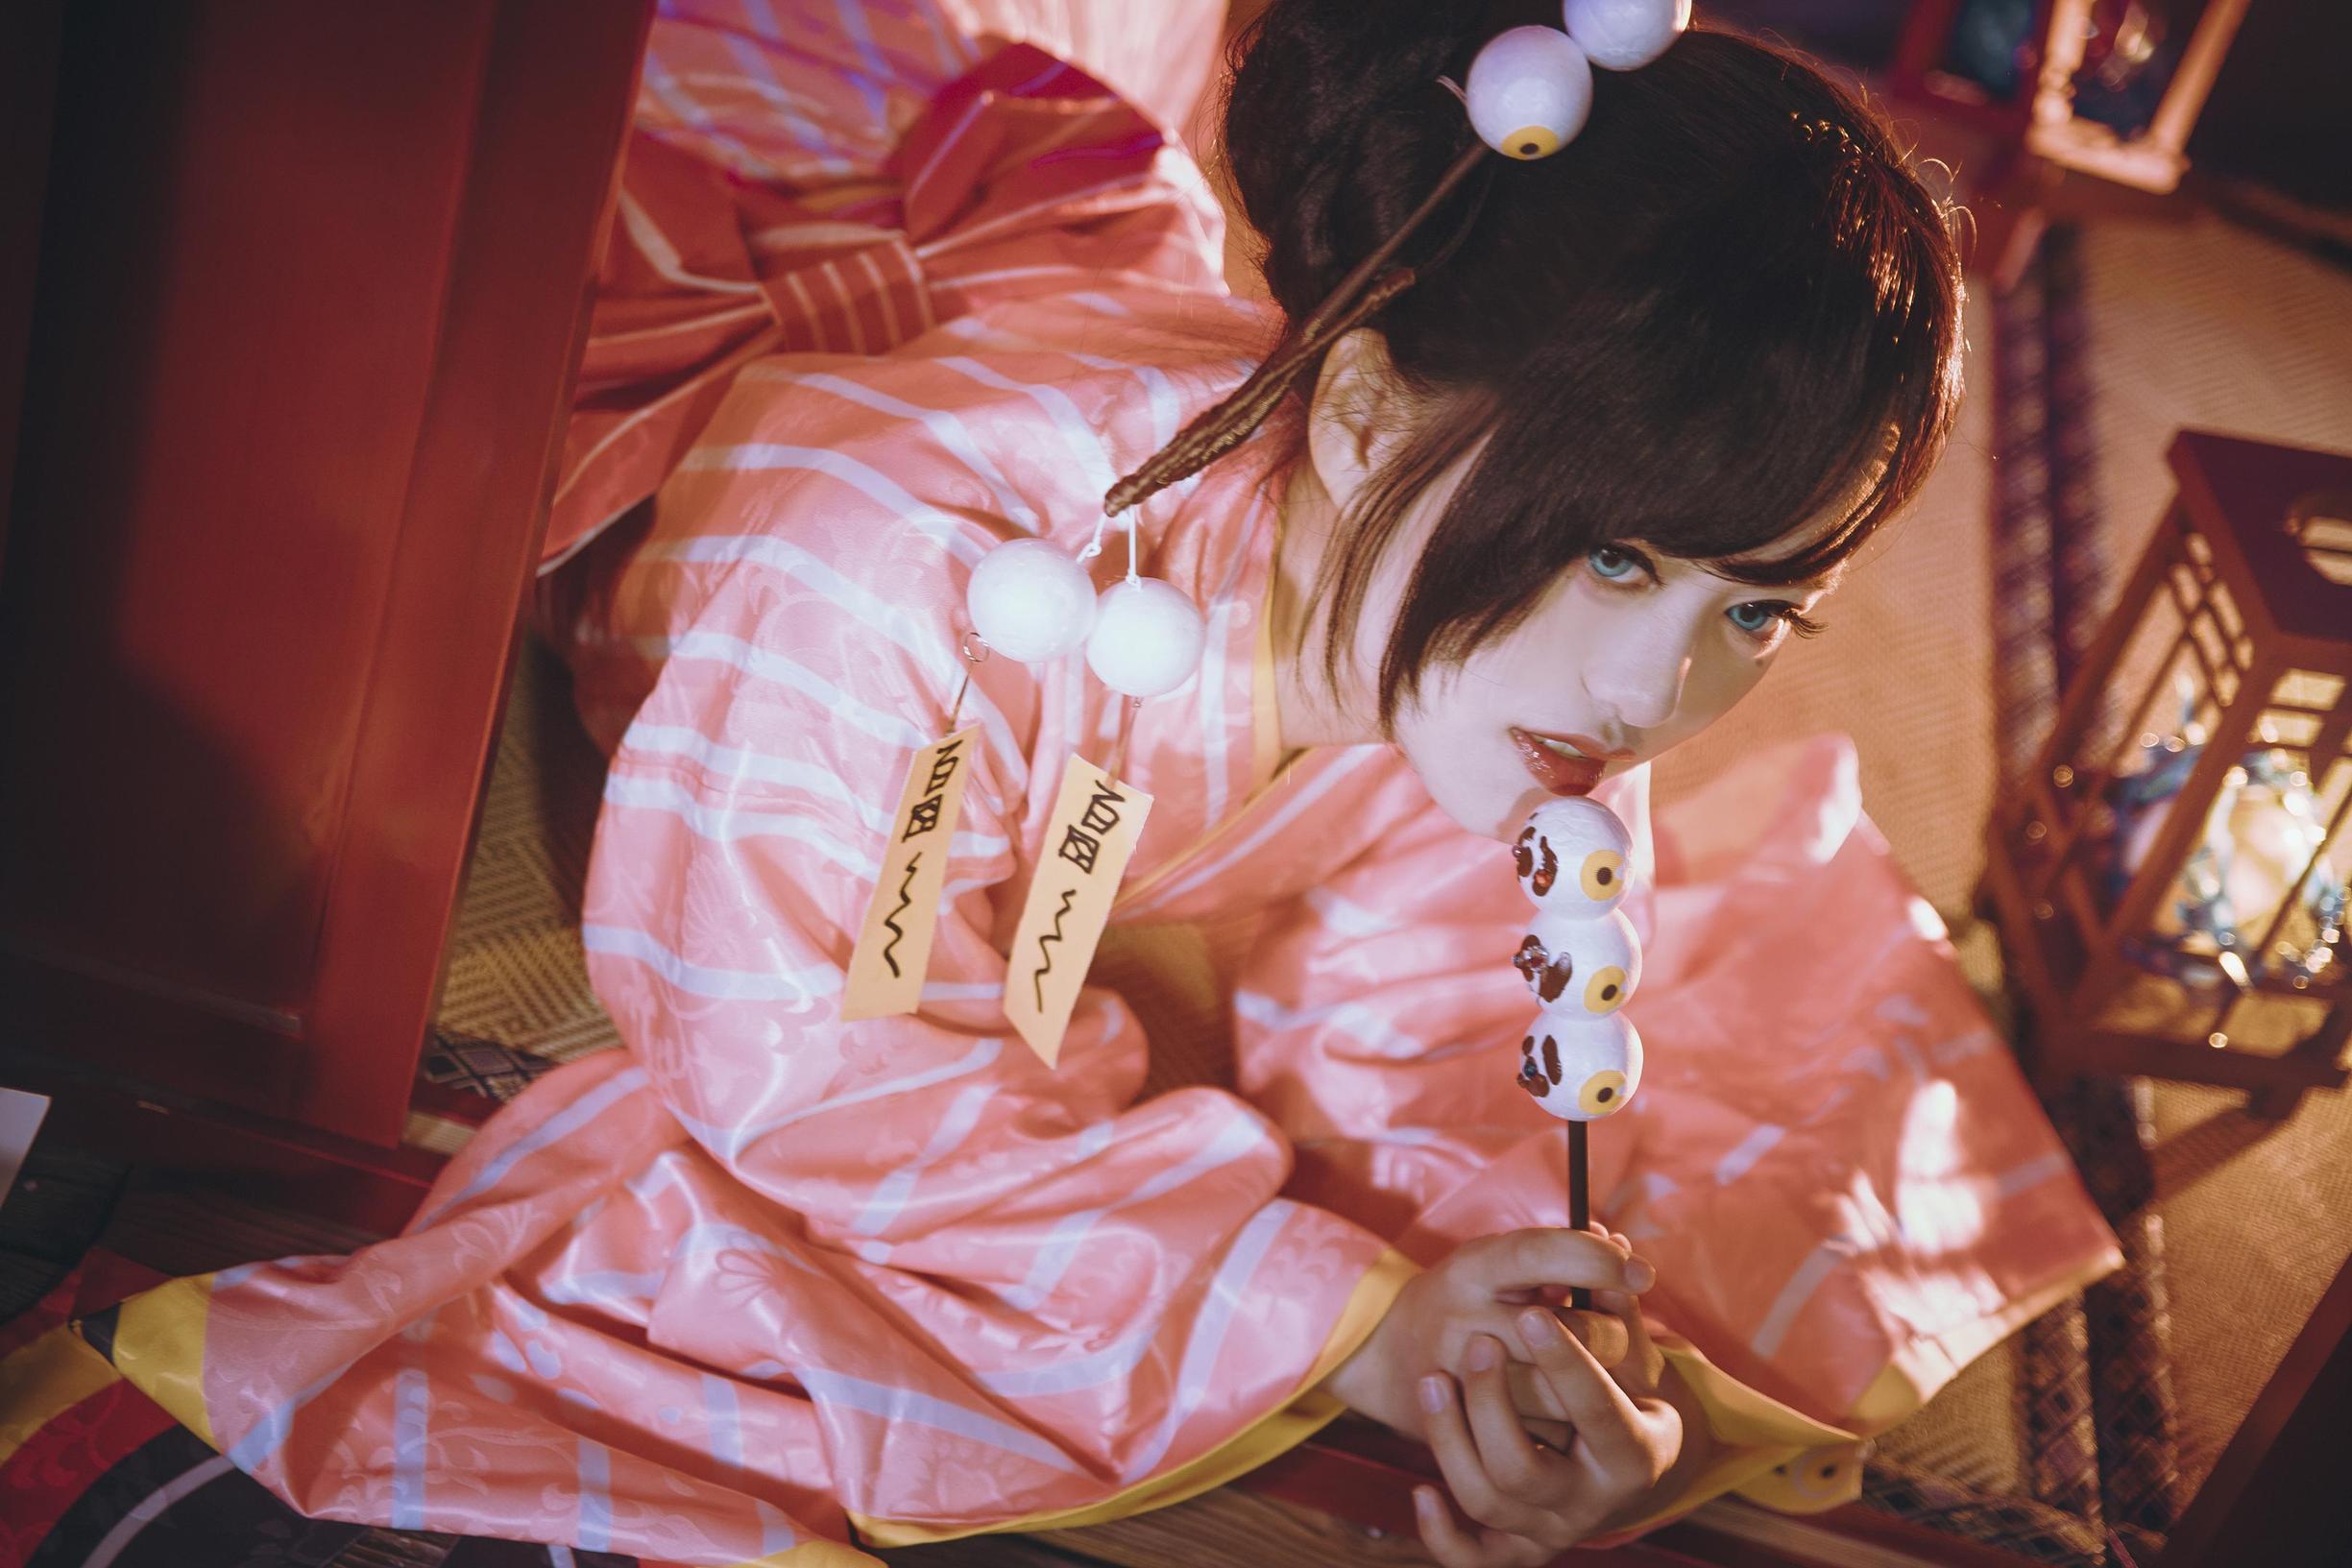 《阴阳师手游》网易阴阳师cosplay【CN:卿绾歌】-第11张